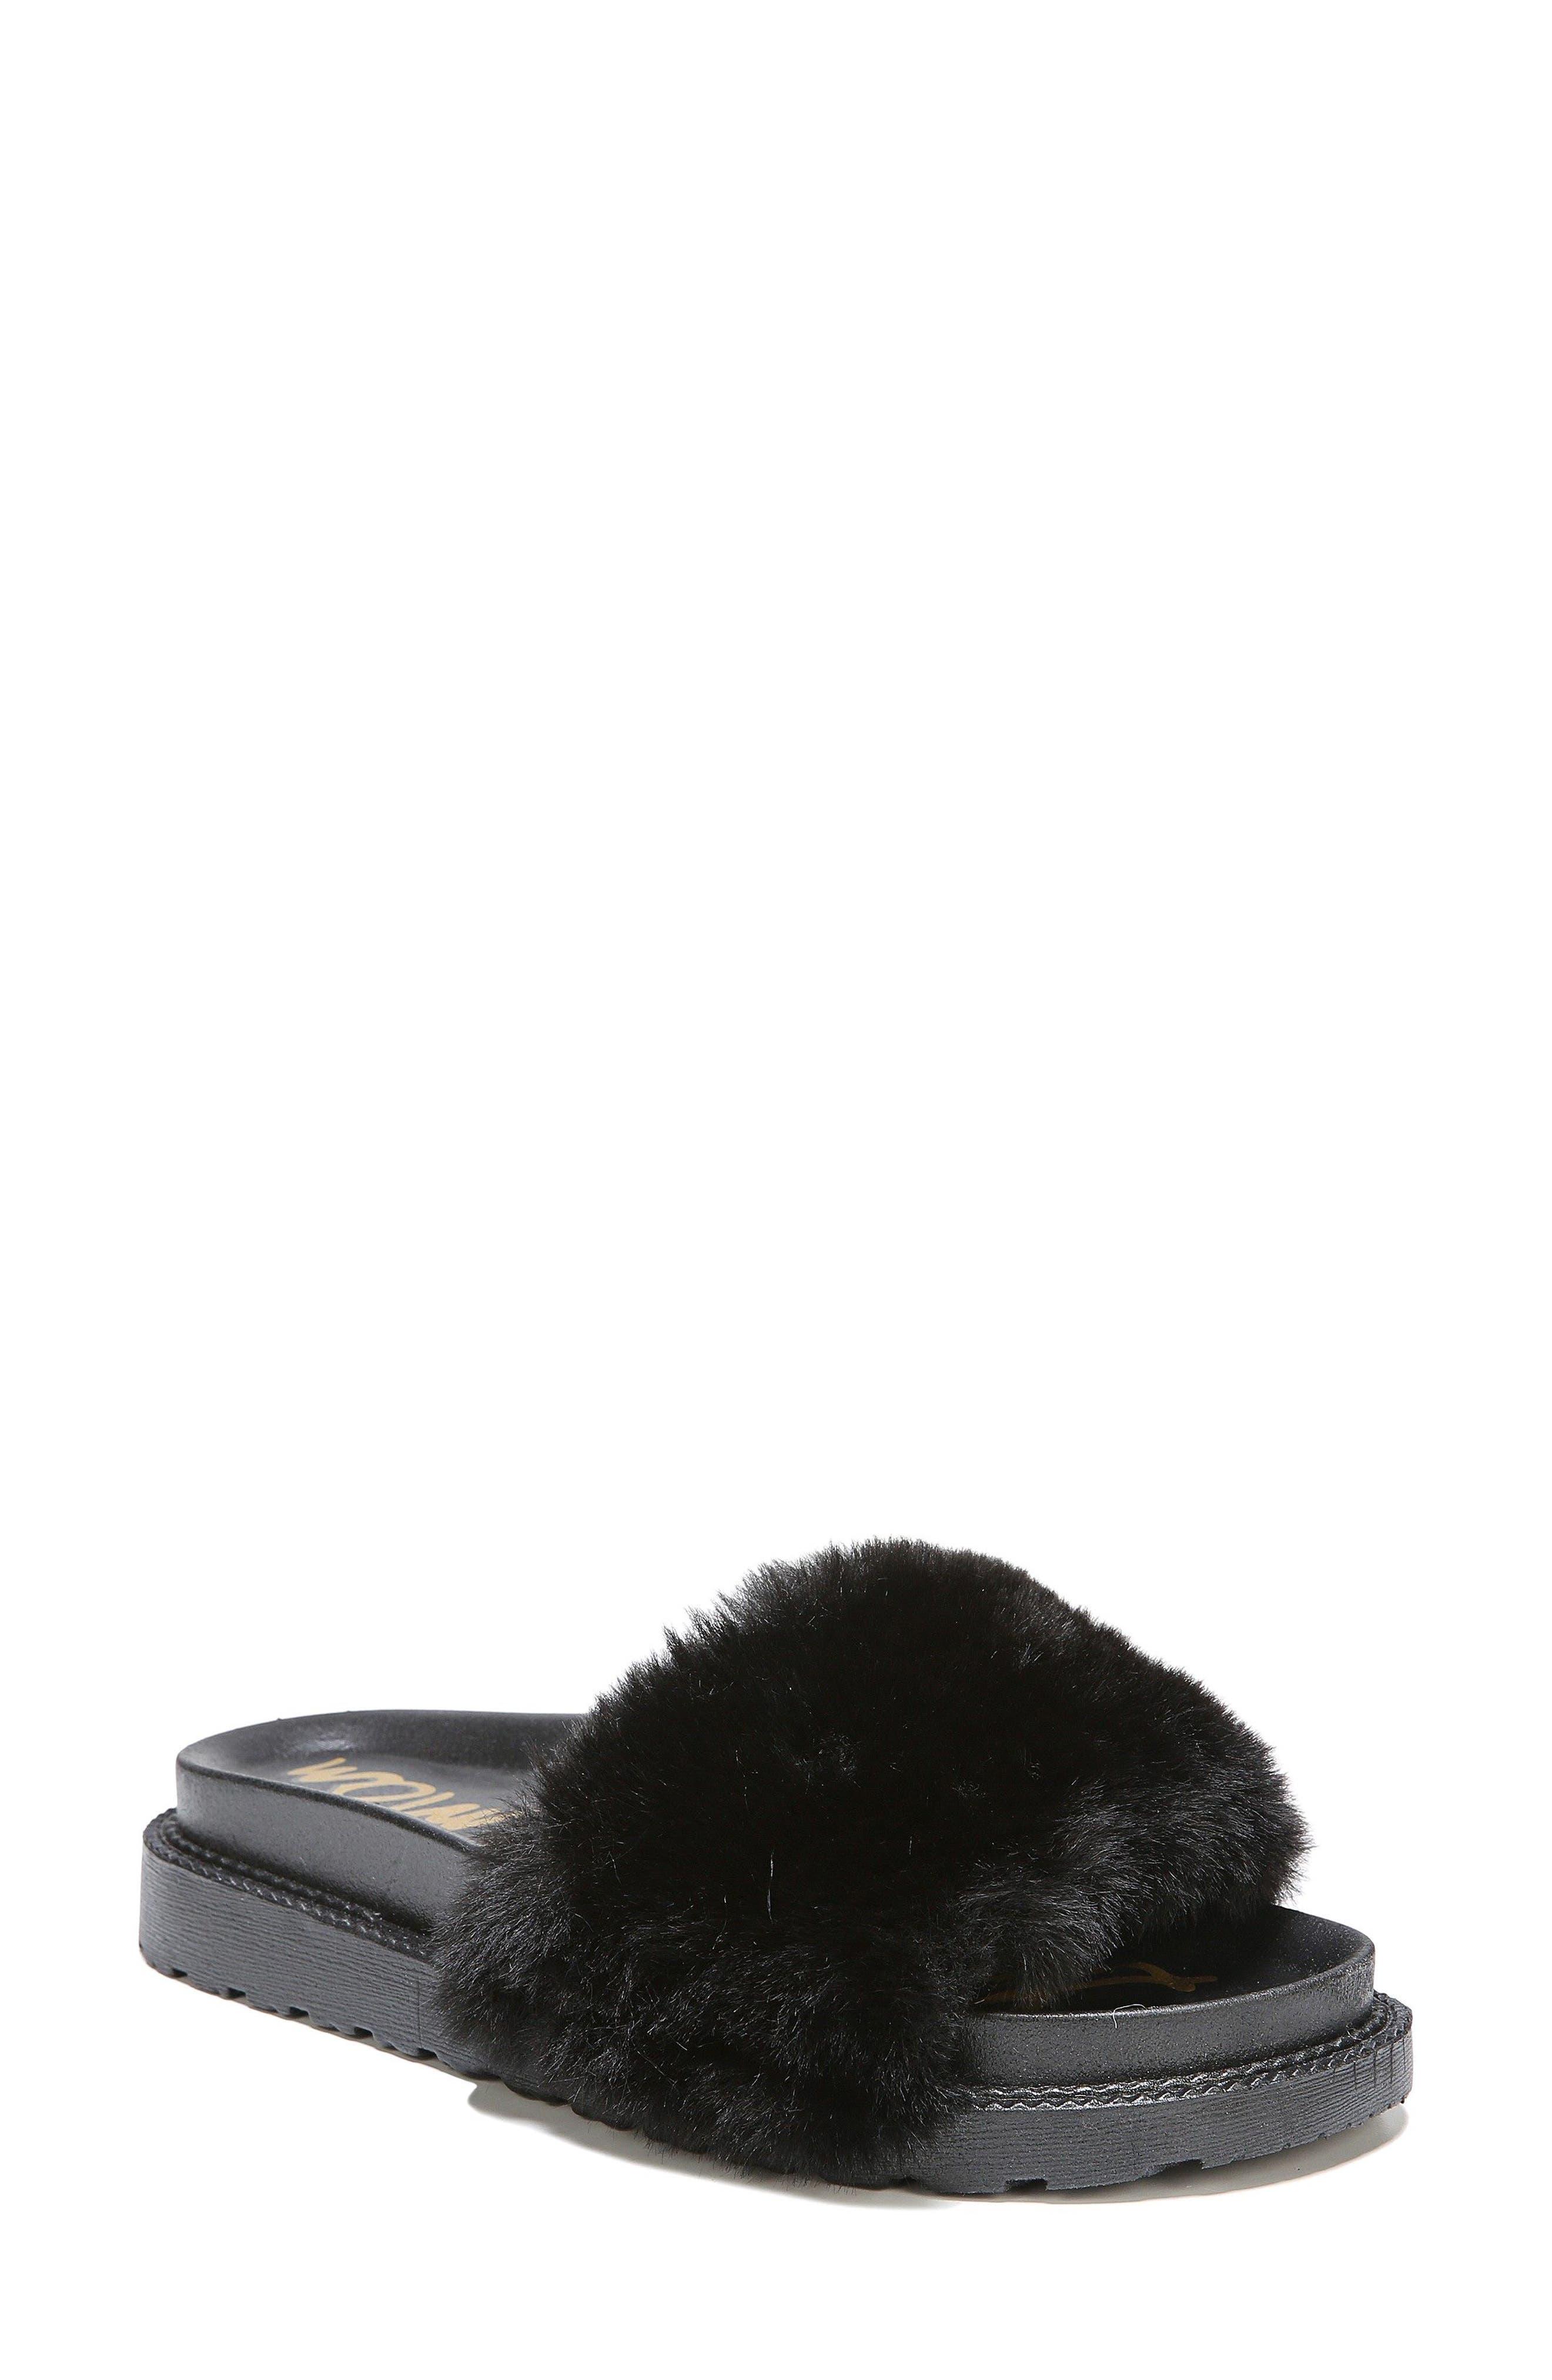 SAM EDELMAN Blaire Faux Fur Platform Slide Sandal, Main, color, 001